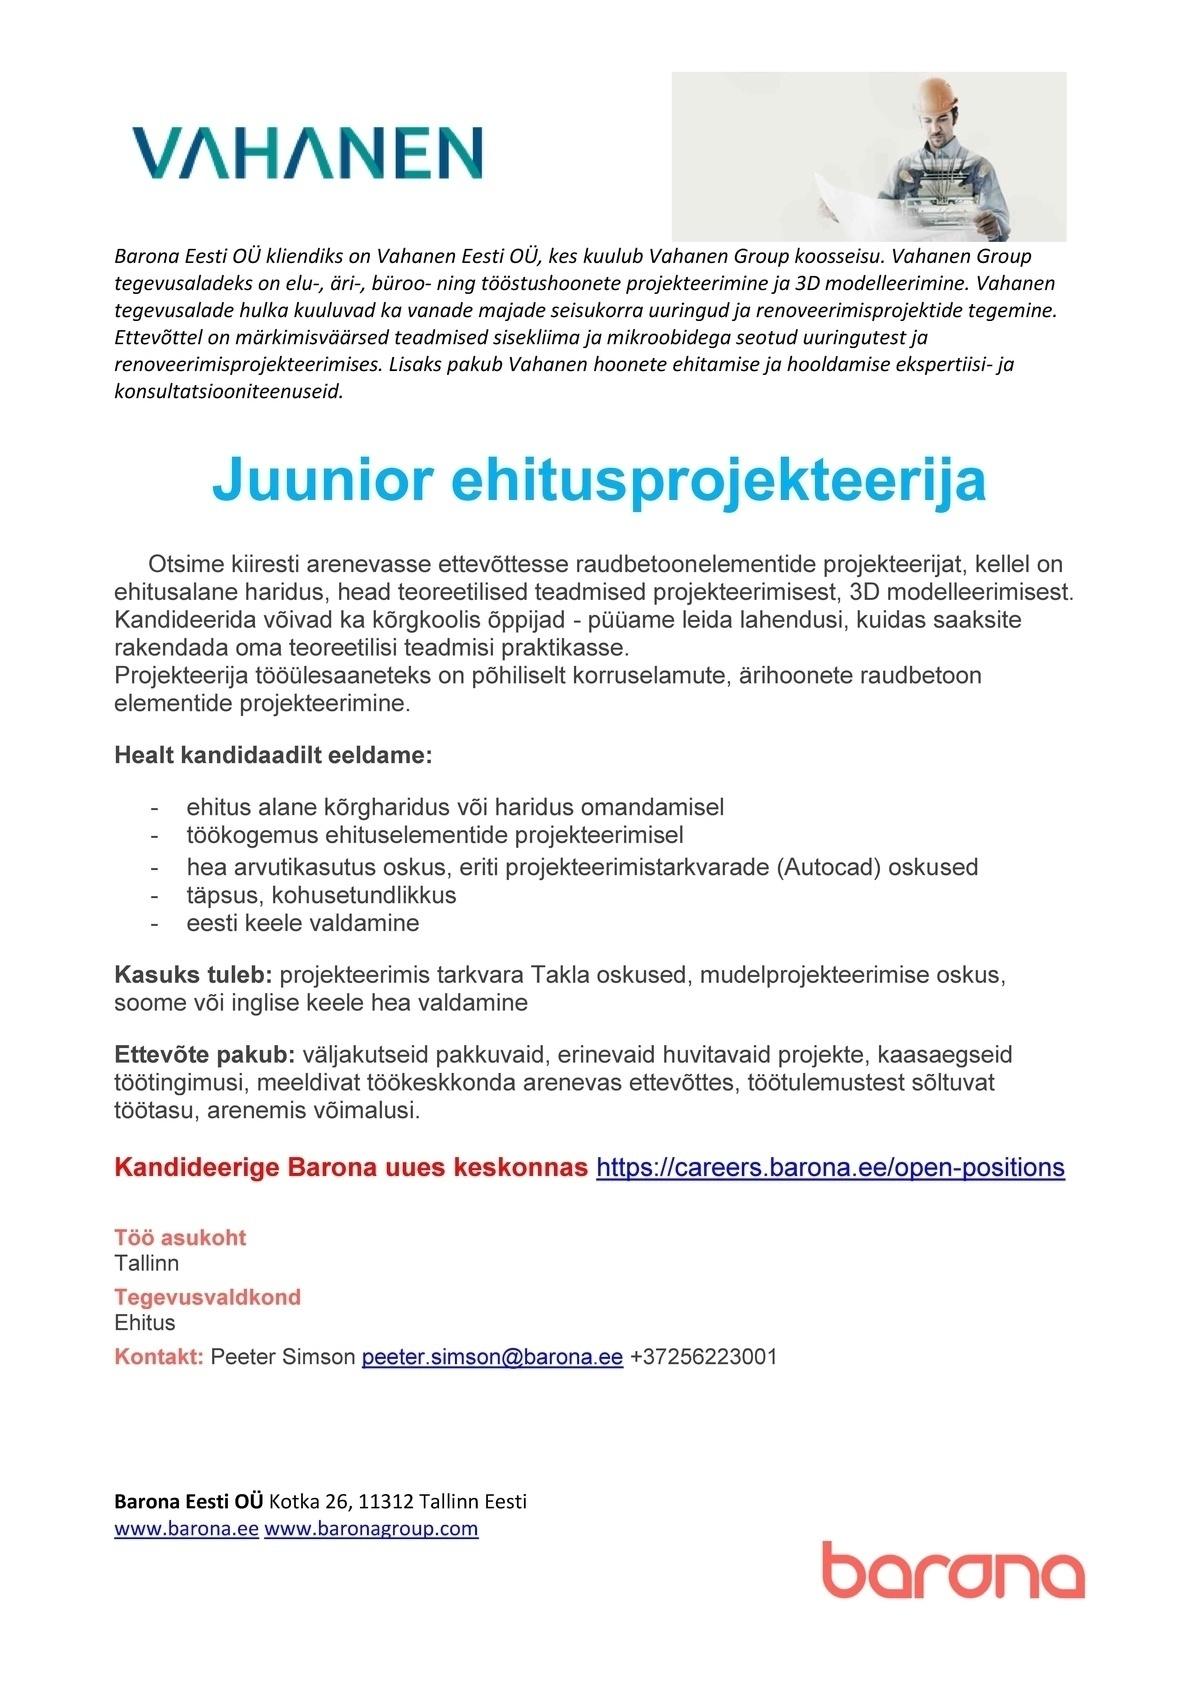 d1a30629486 CV Keskus tööpakkumine Juunior ehitusprojekteerija